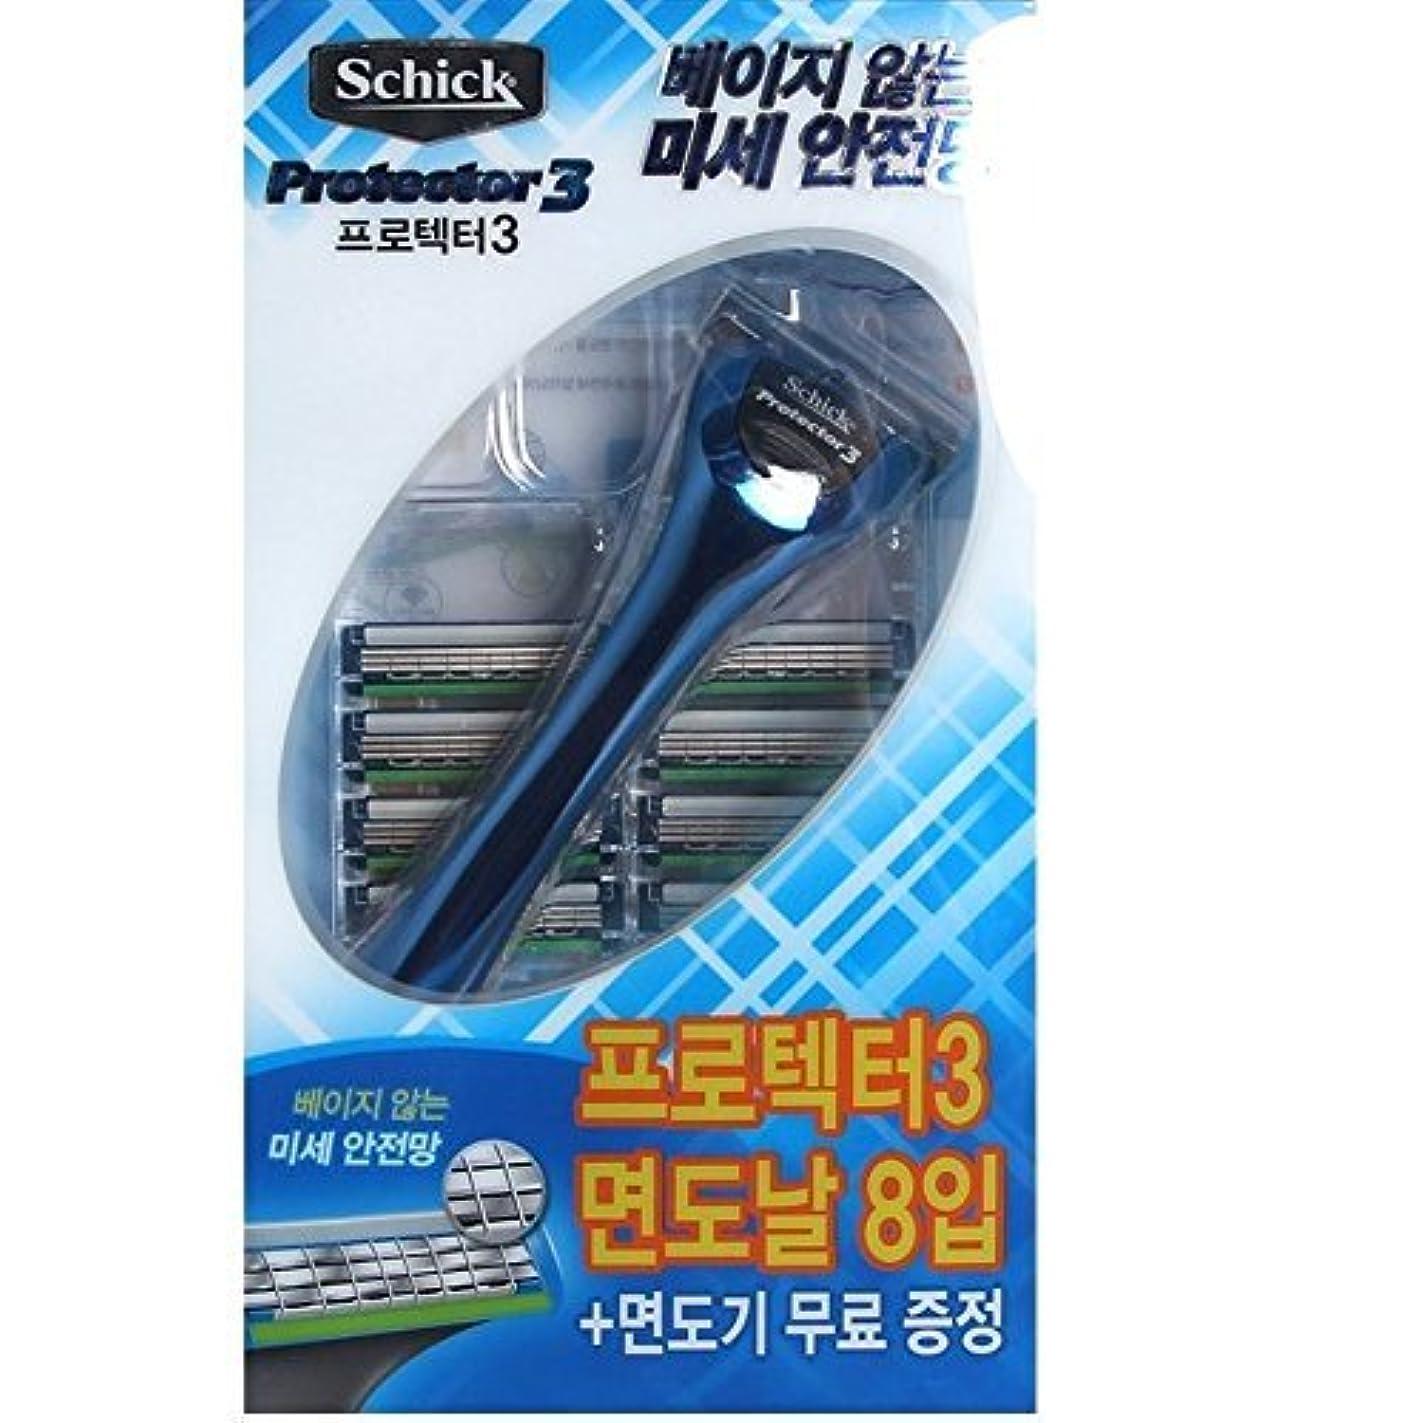 リハーサルペア平凡Schick Protector3 1 Razor + 8 カートリッジリフィルブレイド [並行輸入品]